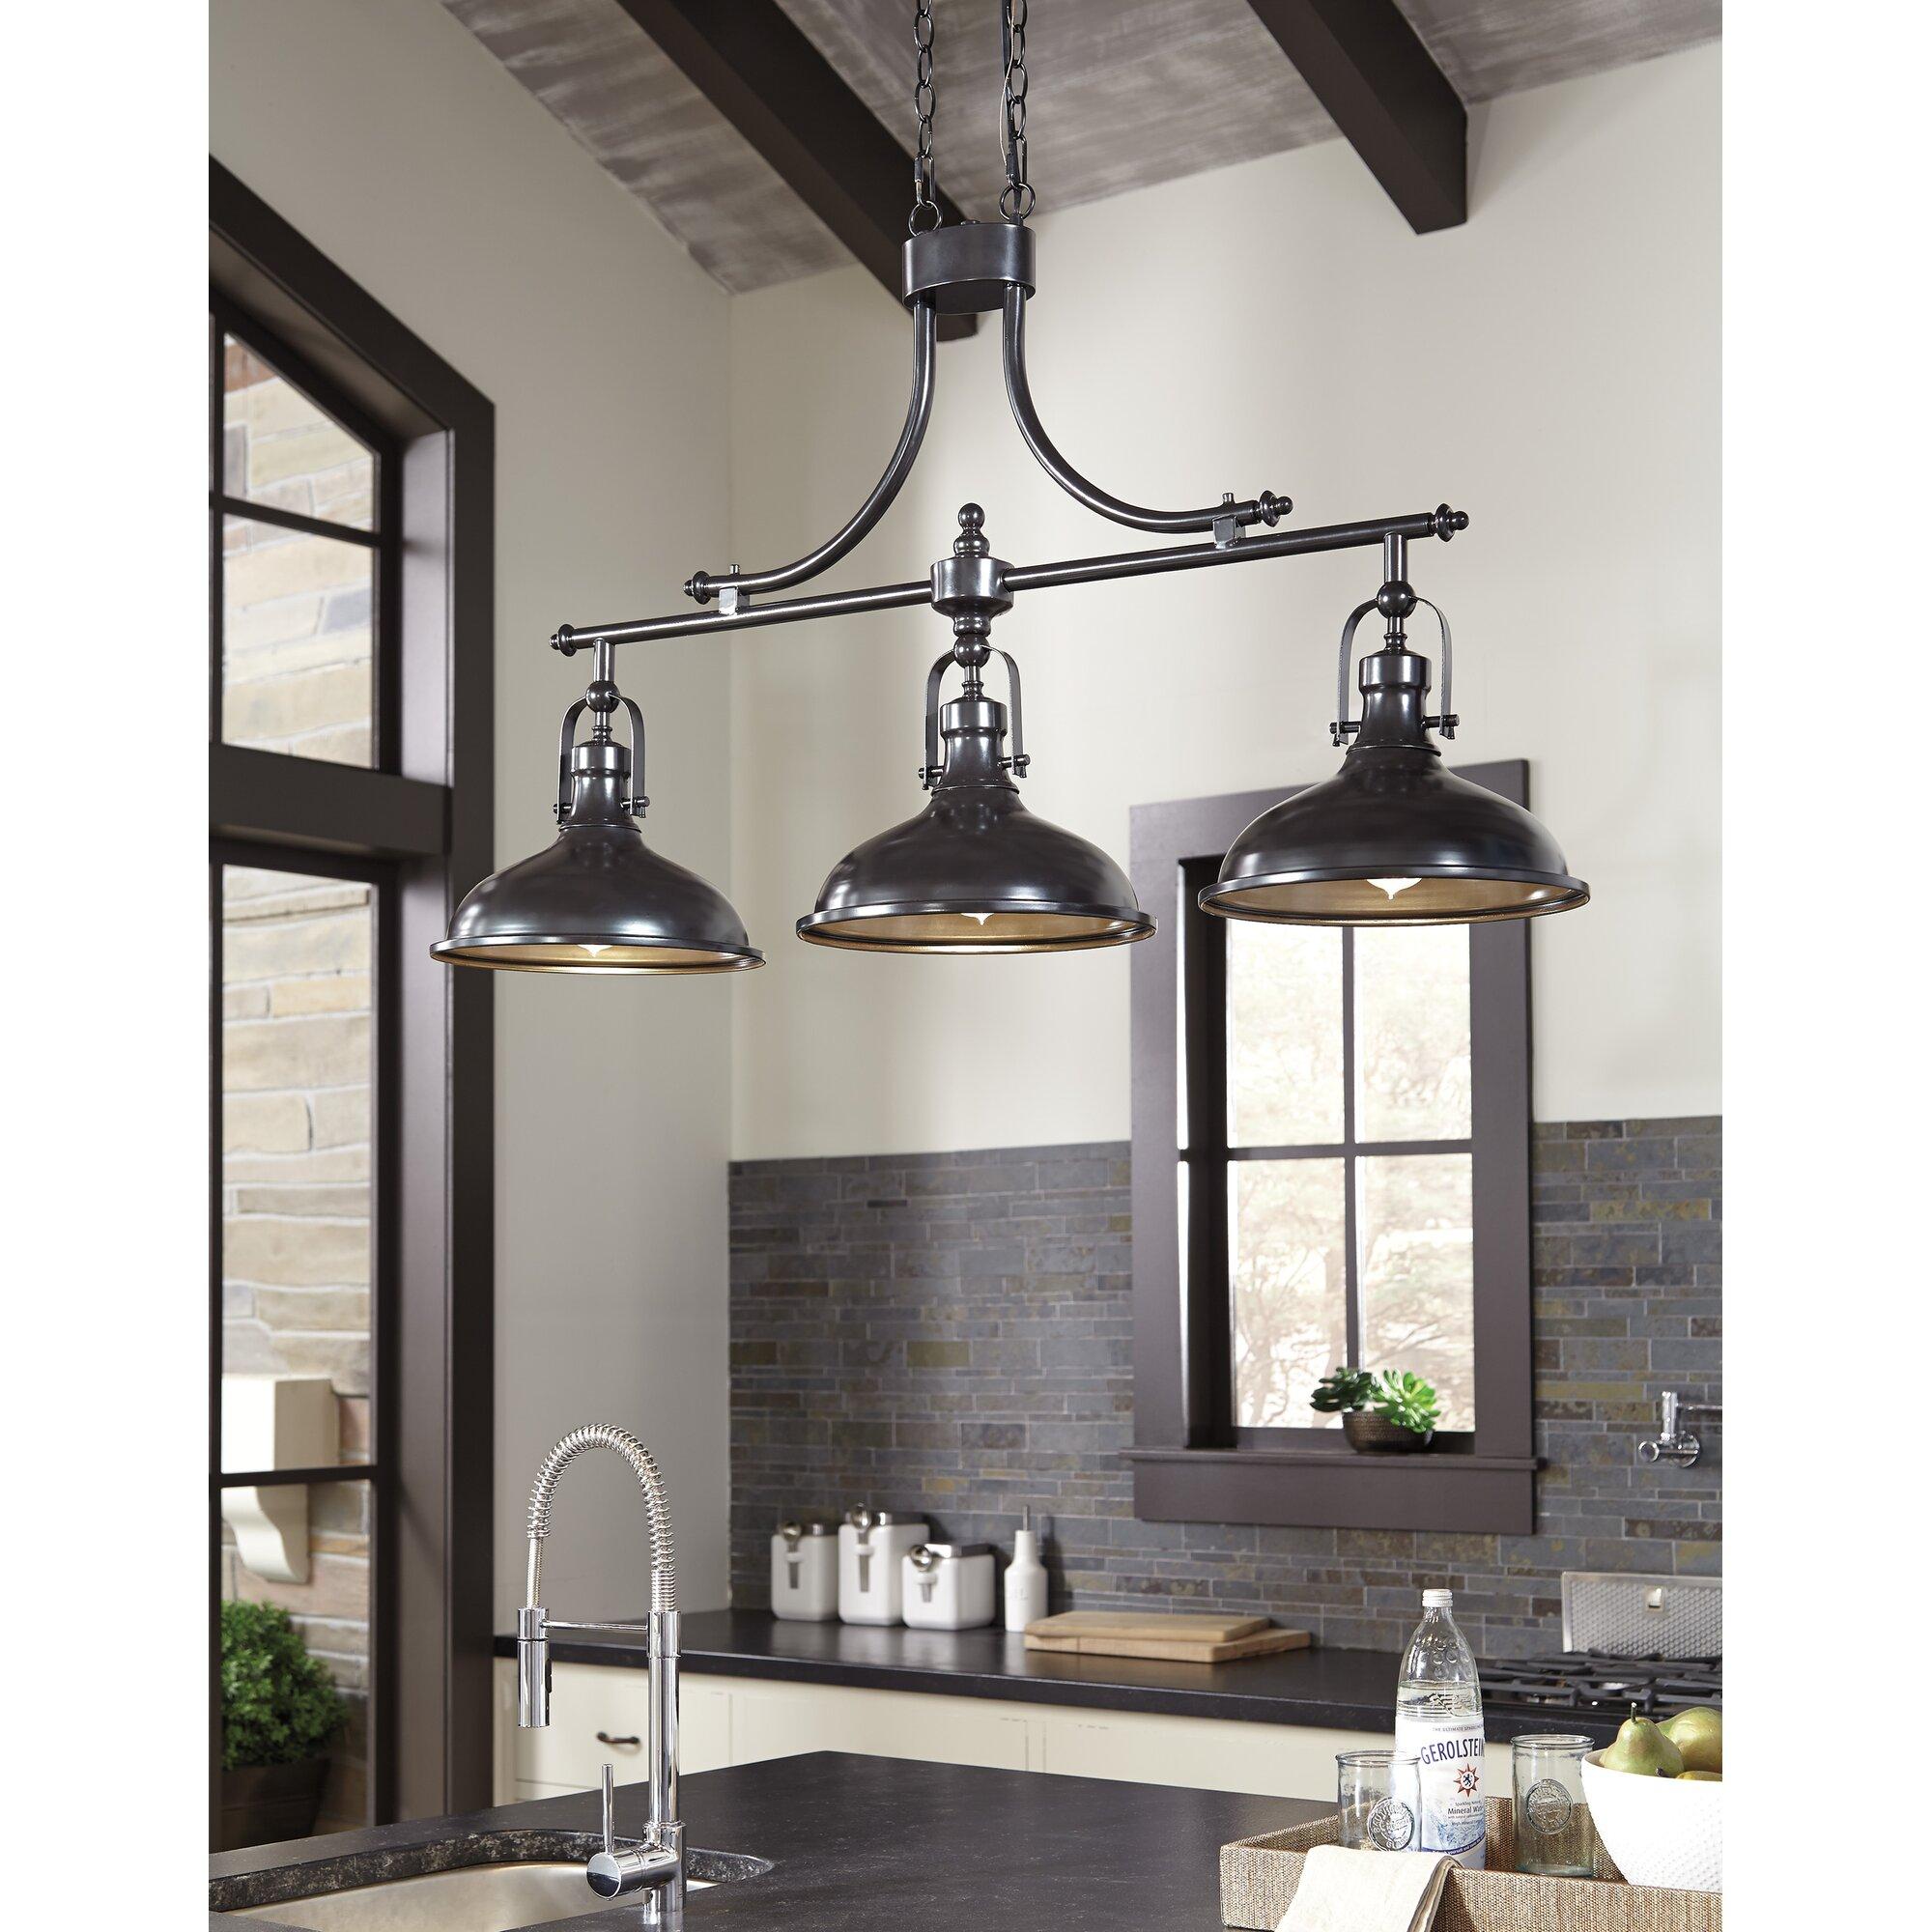 3 light kitchen island pendant lighting fixture - 3 Light Kitchen Island Pendant Lighting Fixture Strauss 3 Light Kitchen Island Pendant